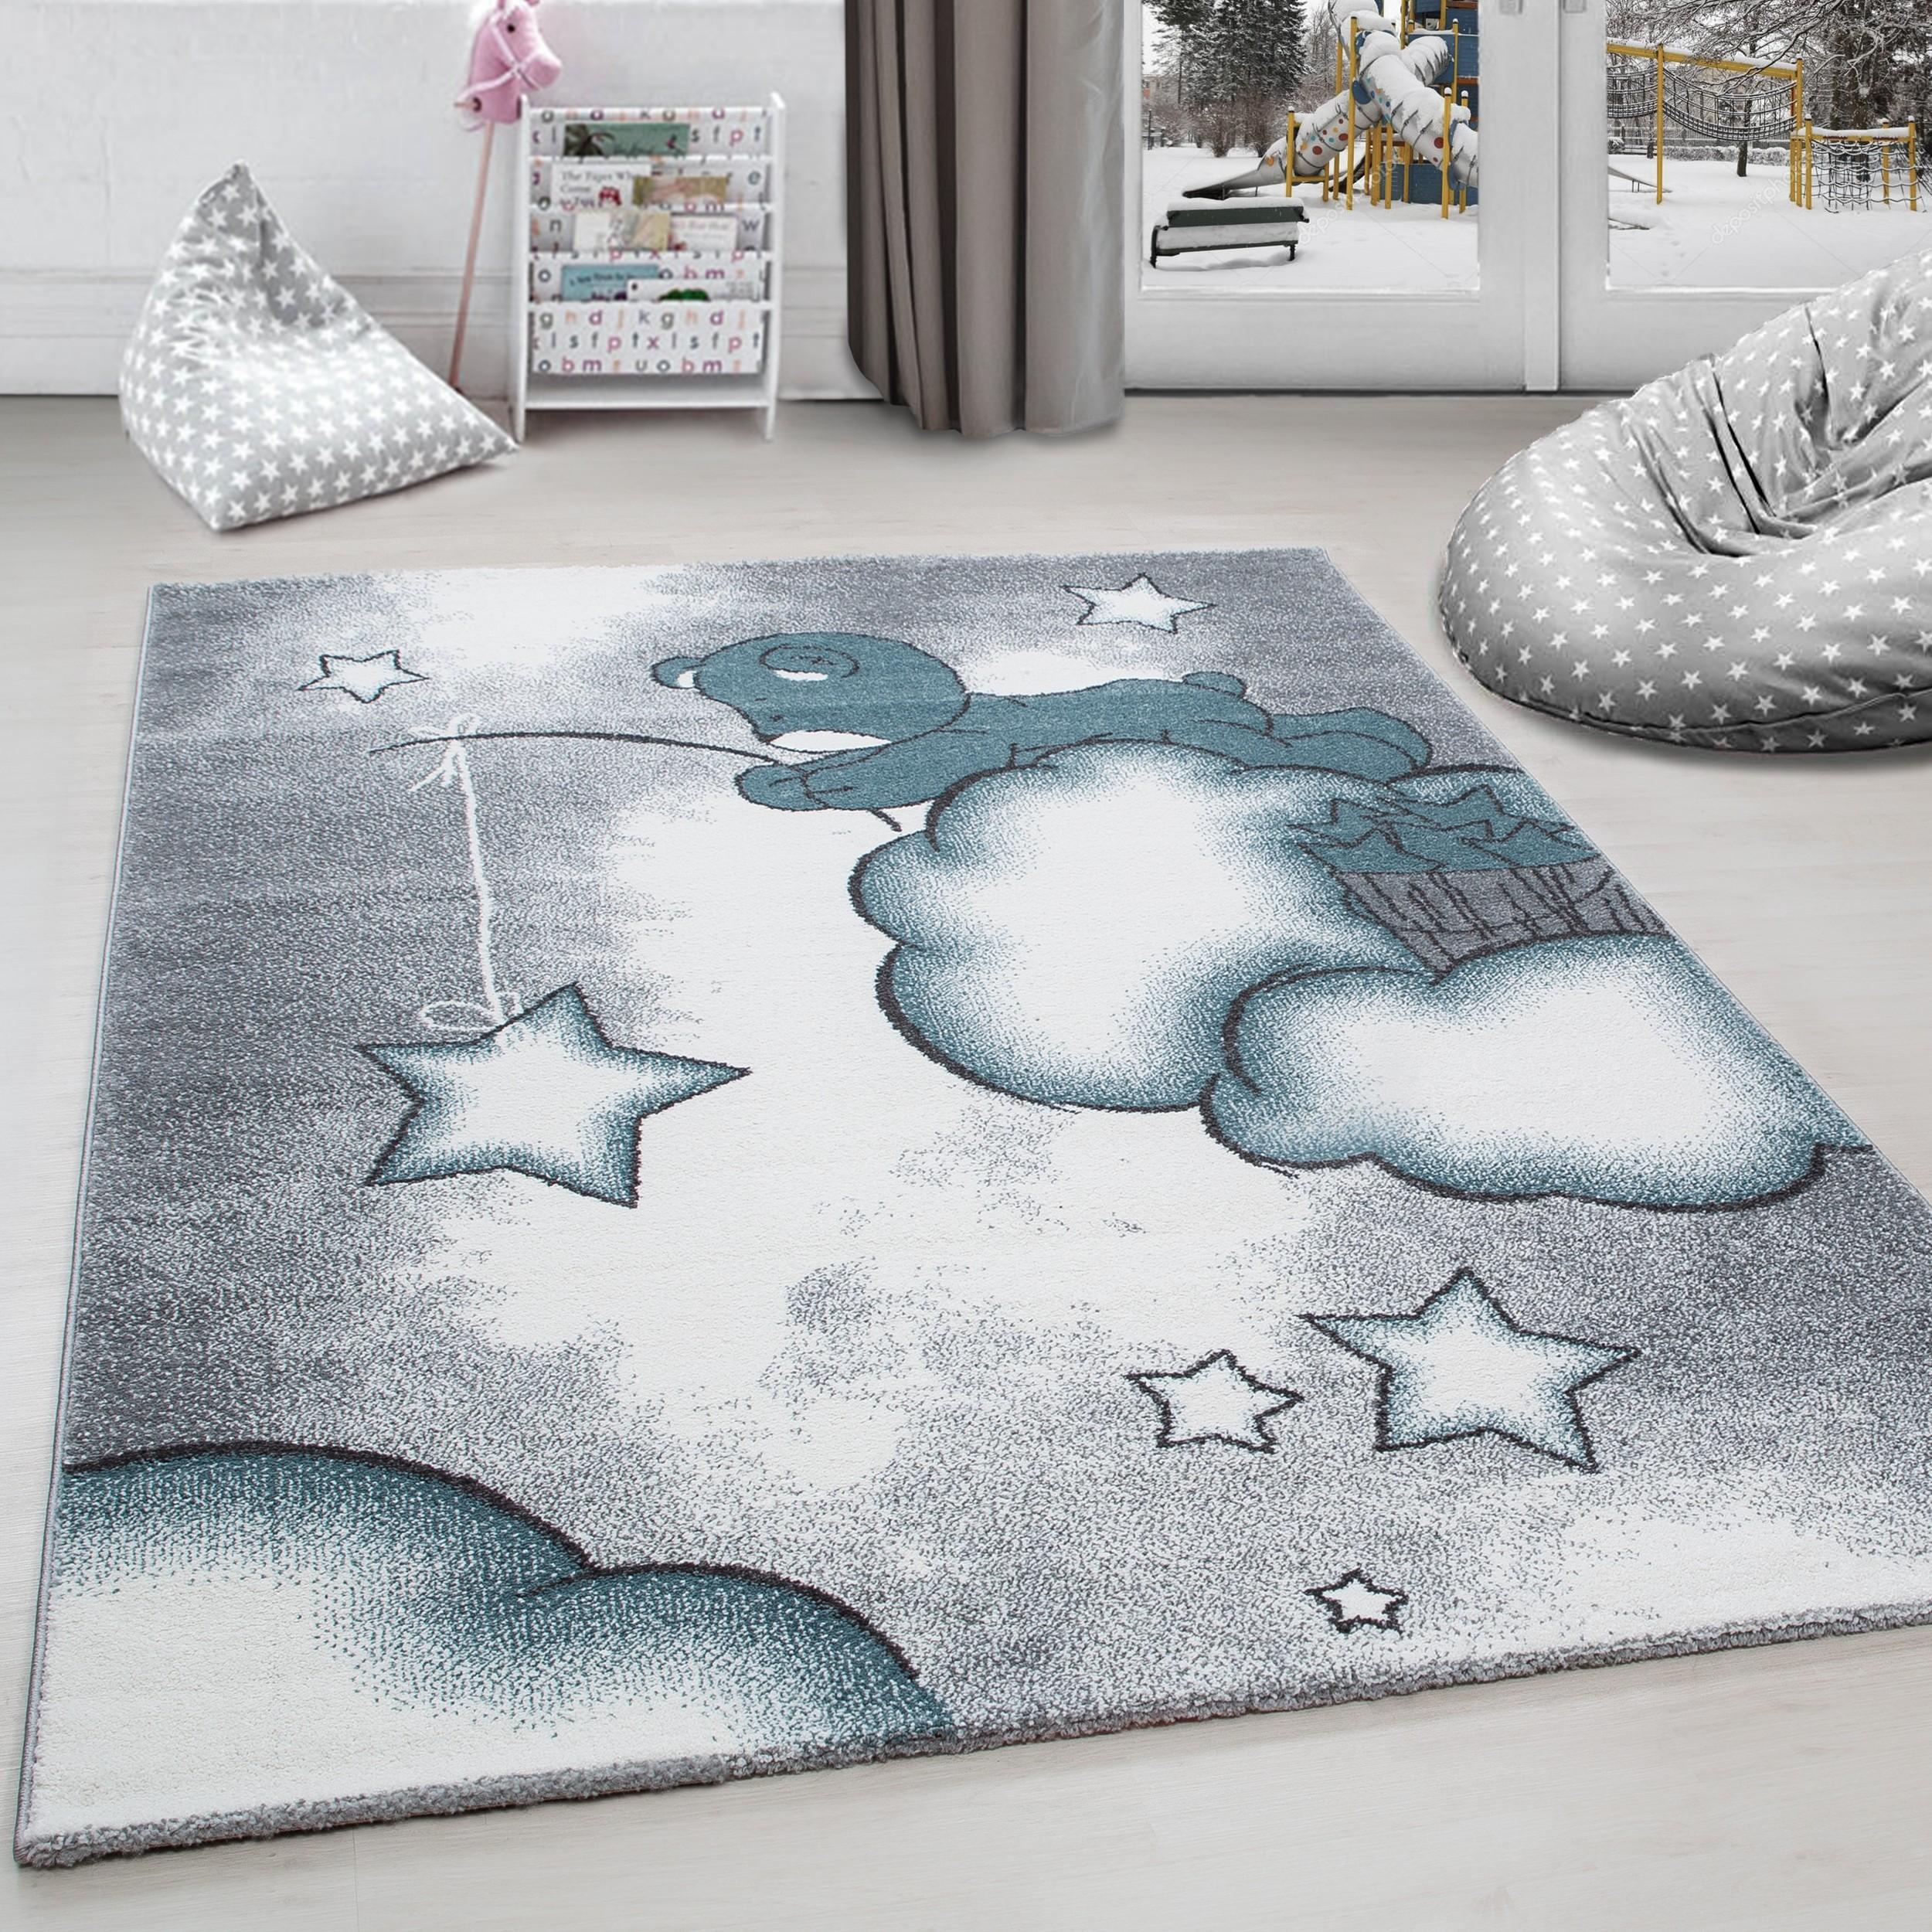 Full Size of Teppiche Kinderzimmer Kinderteppich Teppich Br Wolken Stern Angeln Grau Regal Weiß Sofa Regale Wohnzimmer Kinderzimmer Teppiche Kinderzimmer